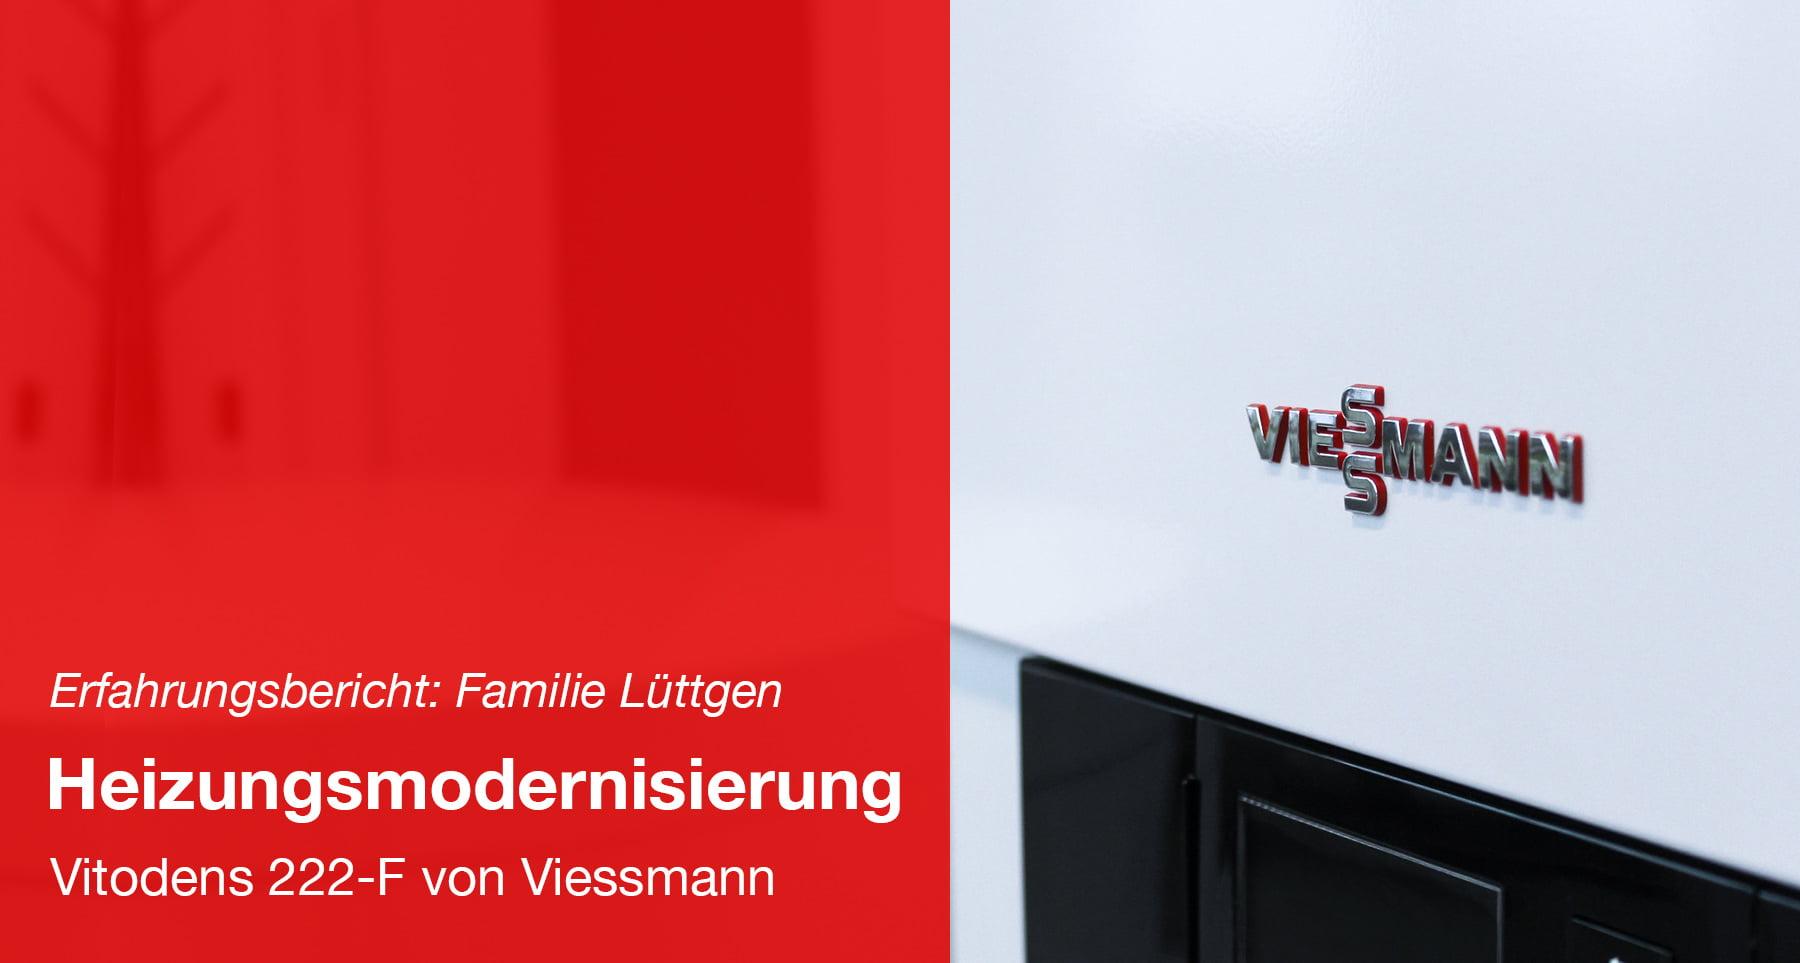 Modernisierung der Heizung - Viessmann Paket: Vitodens 222-F 19,0 kW